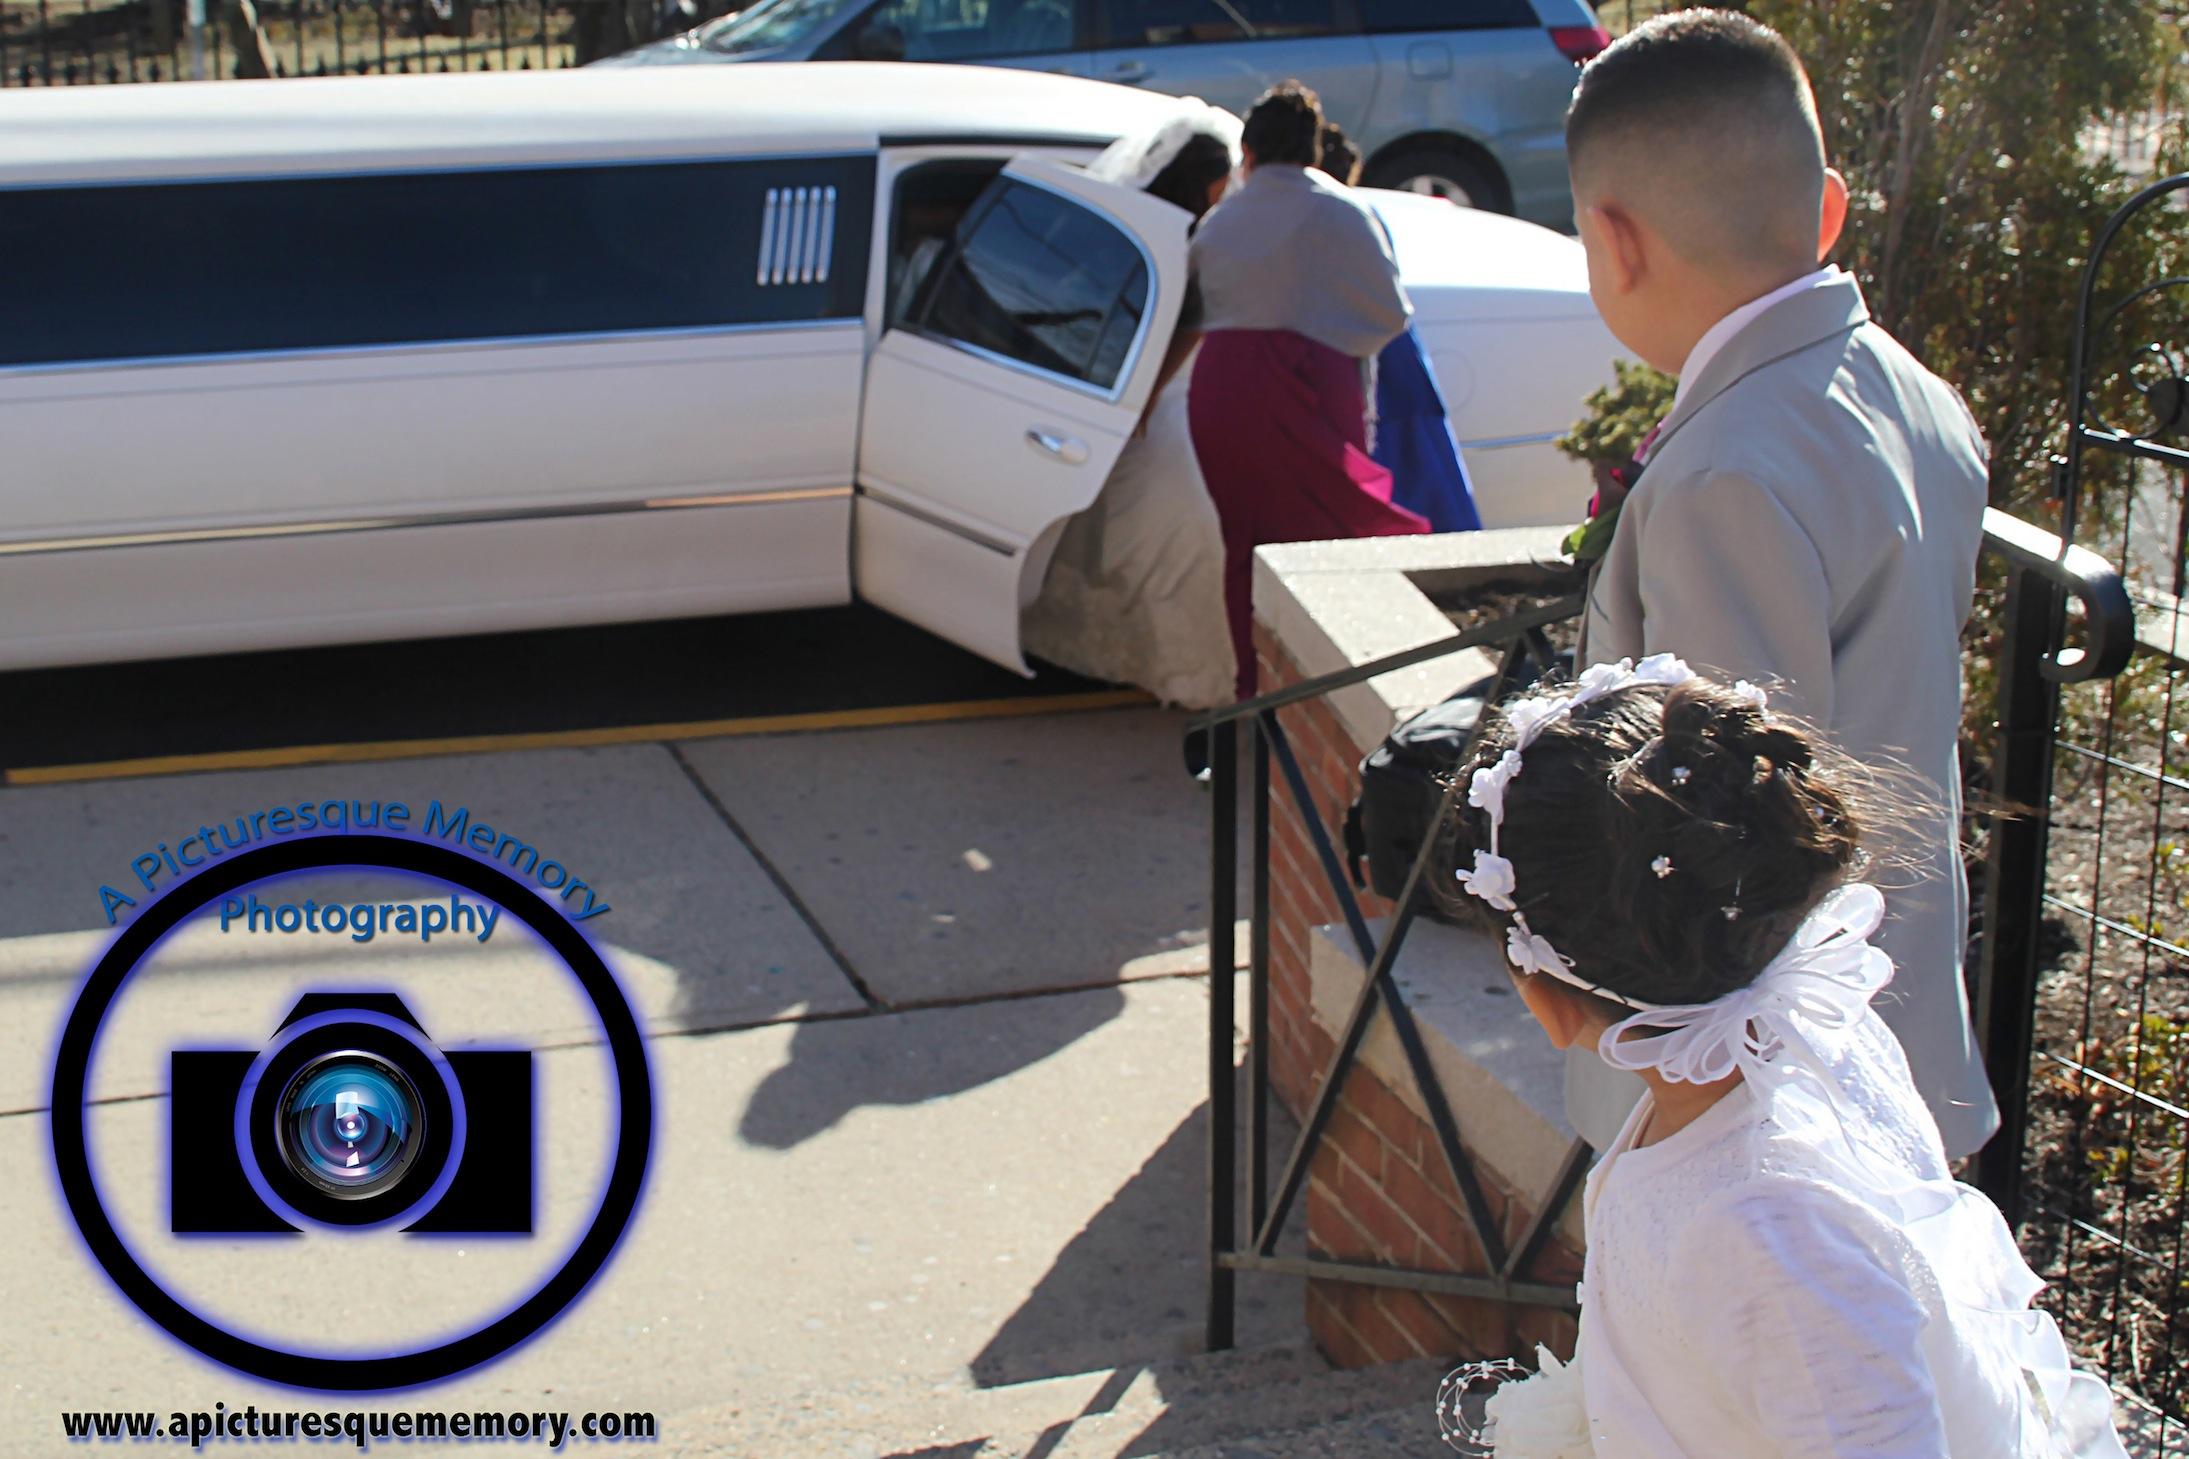 #njwedding, #njweddingphotography, #northbrunswickweddingphotographer#weddingphotos, #apicturesquememoryphotography, #ringbearerandflowergirl, #limo